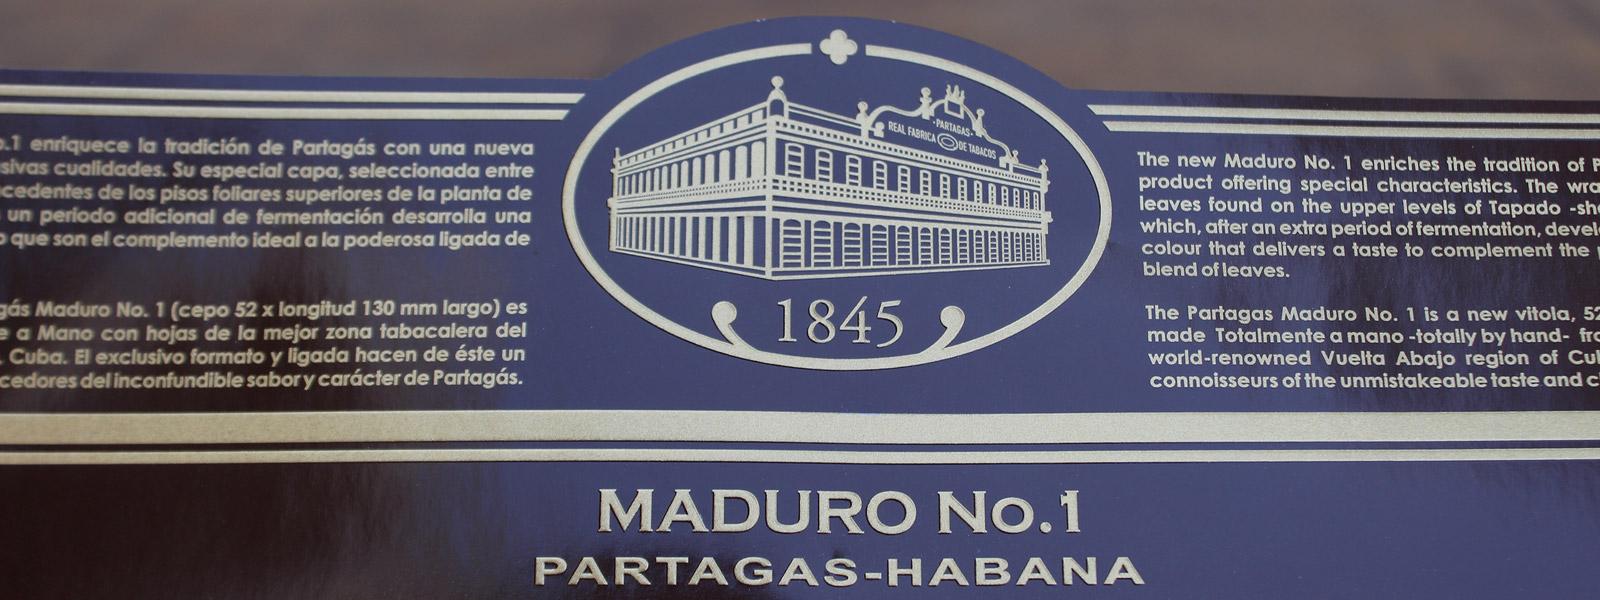 Partagas Maduro